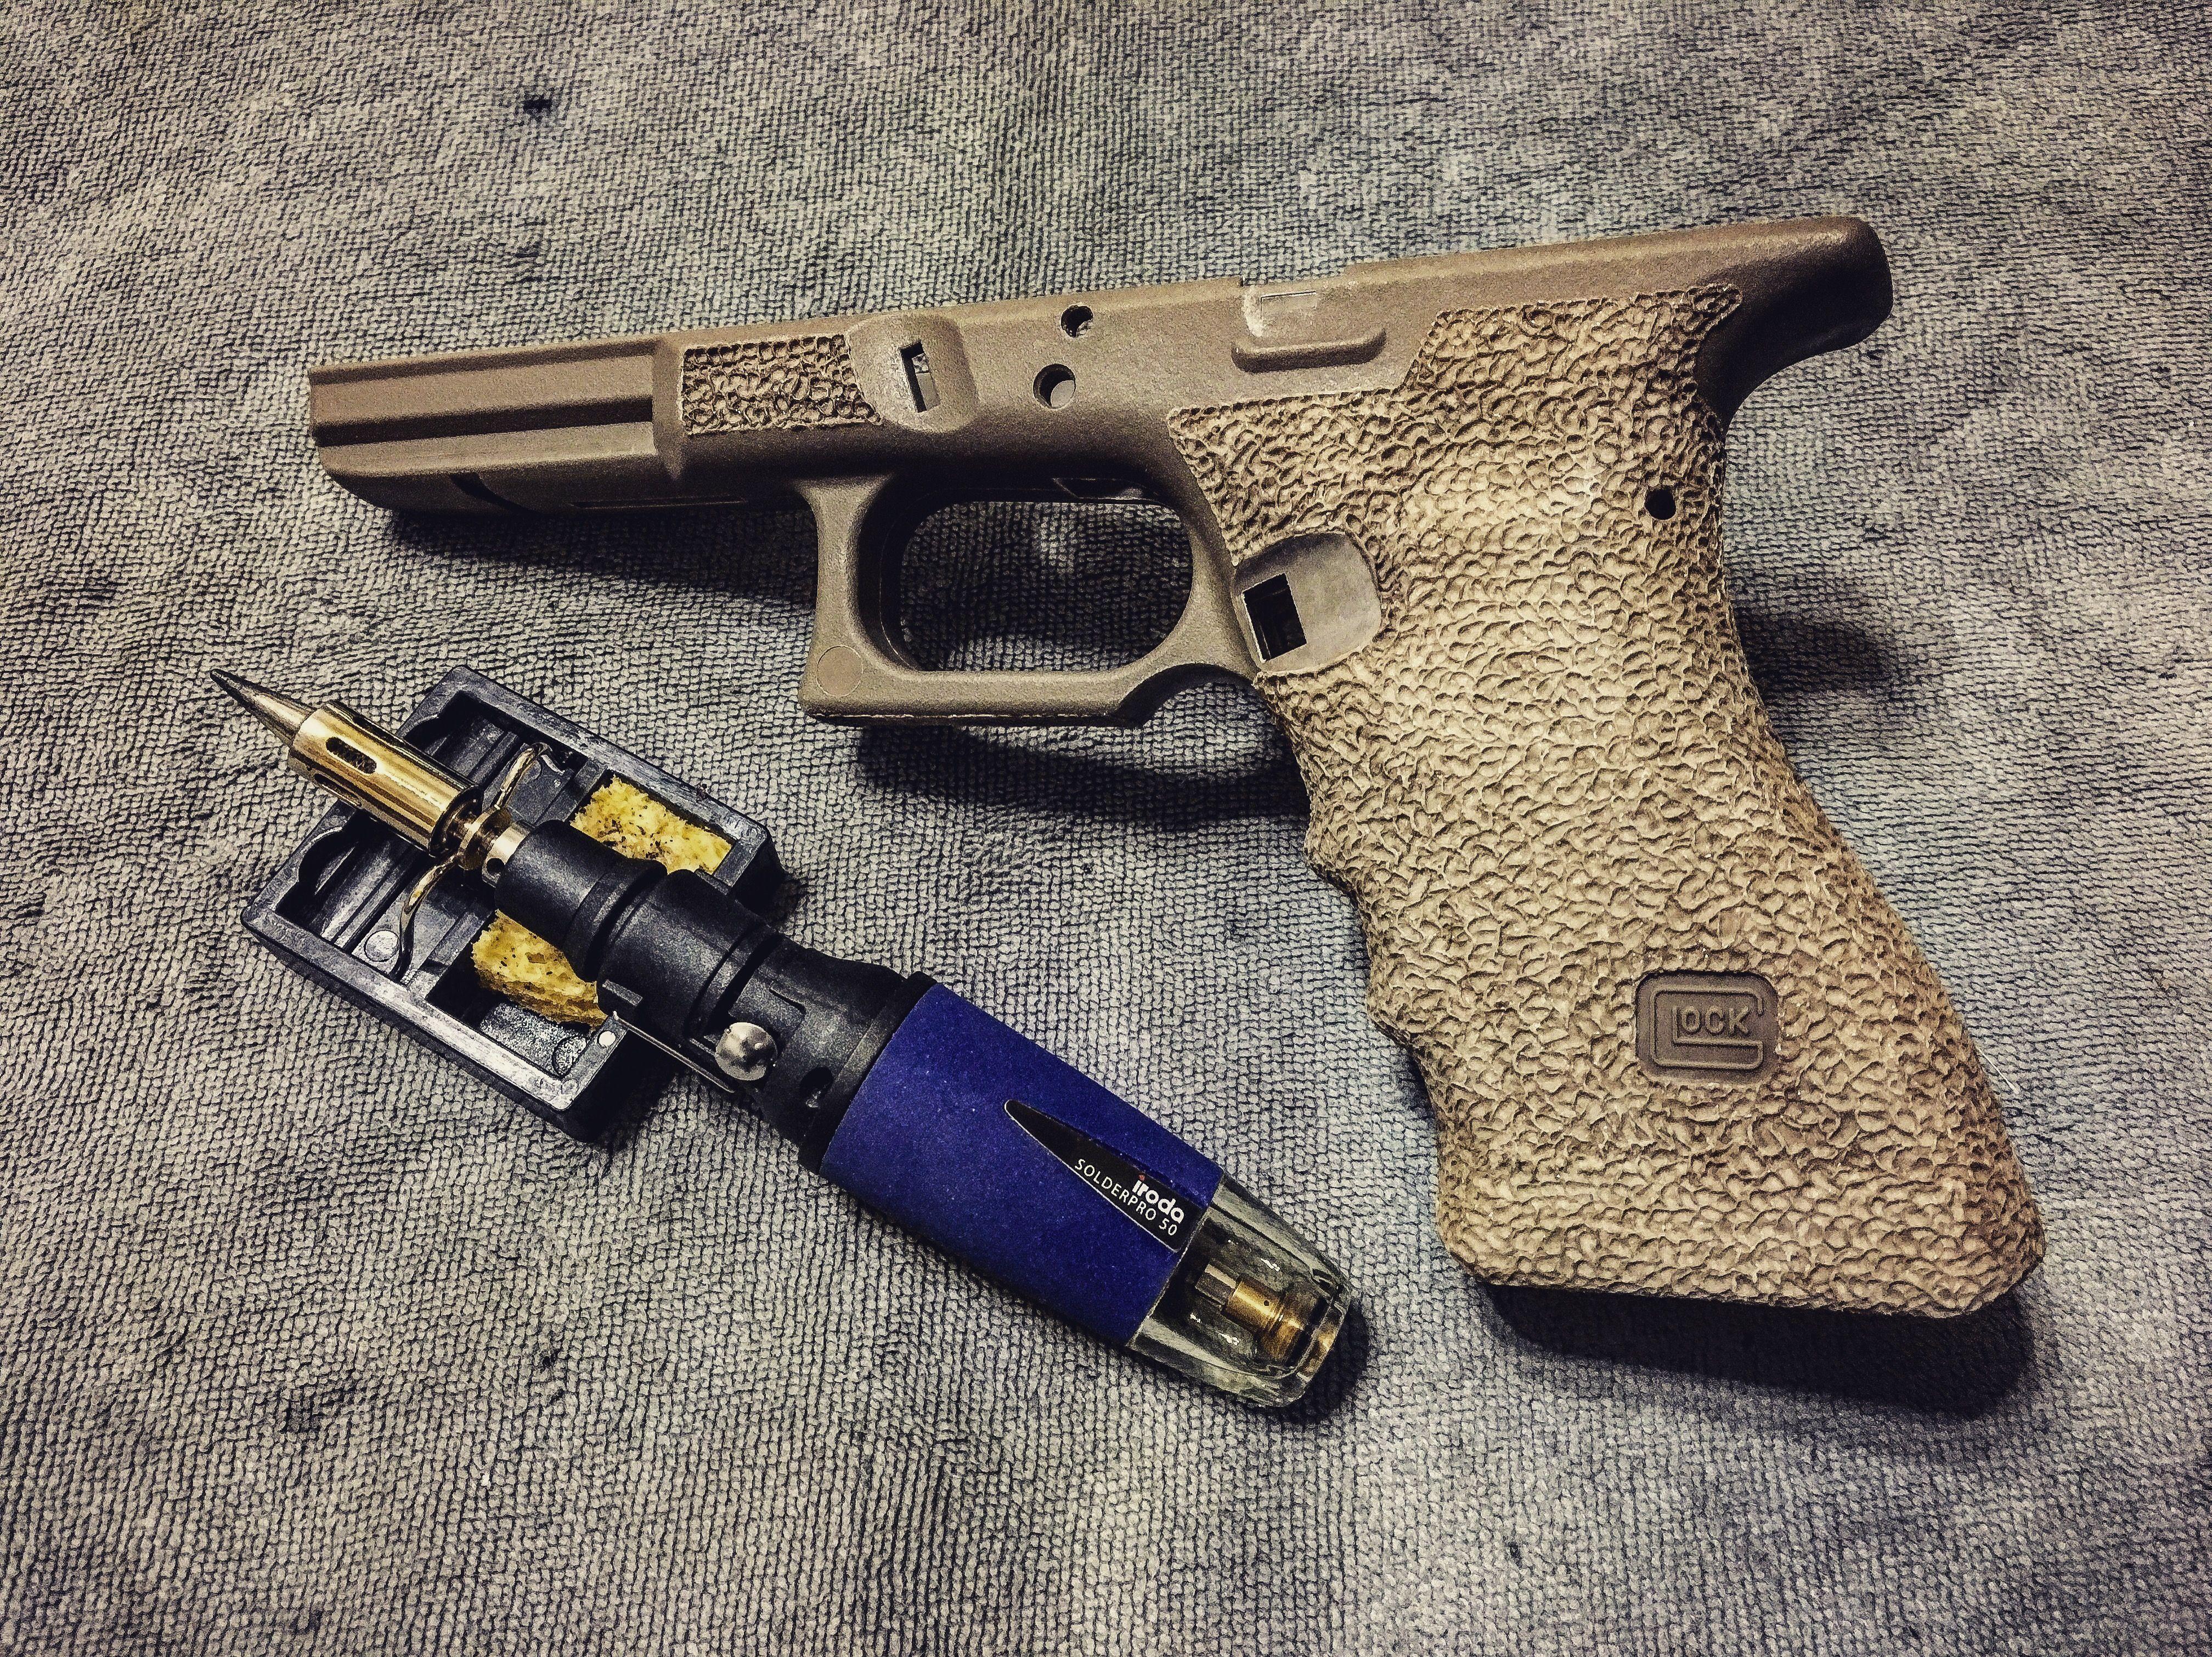 Pin on Gun photos